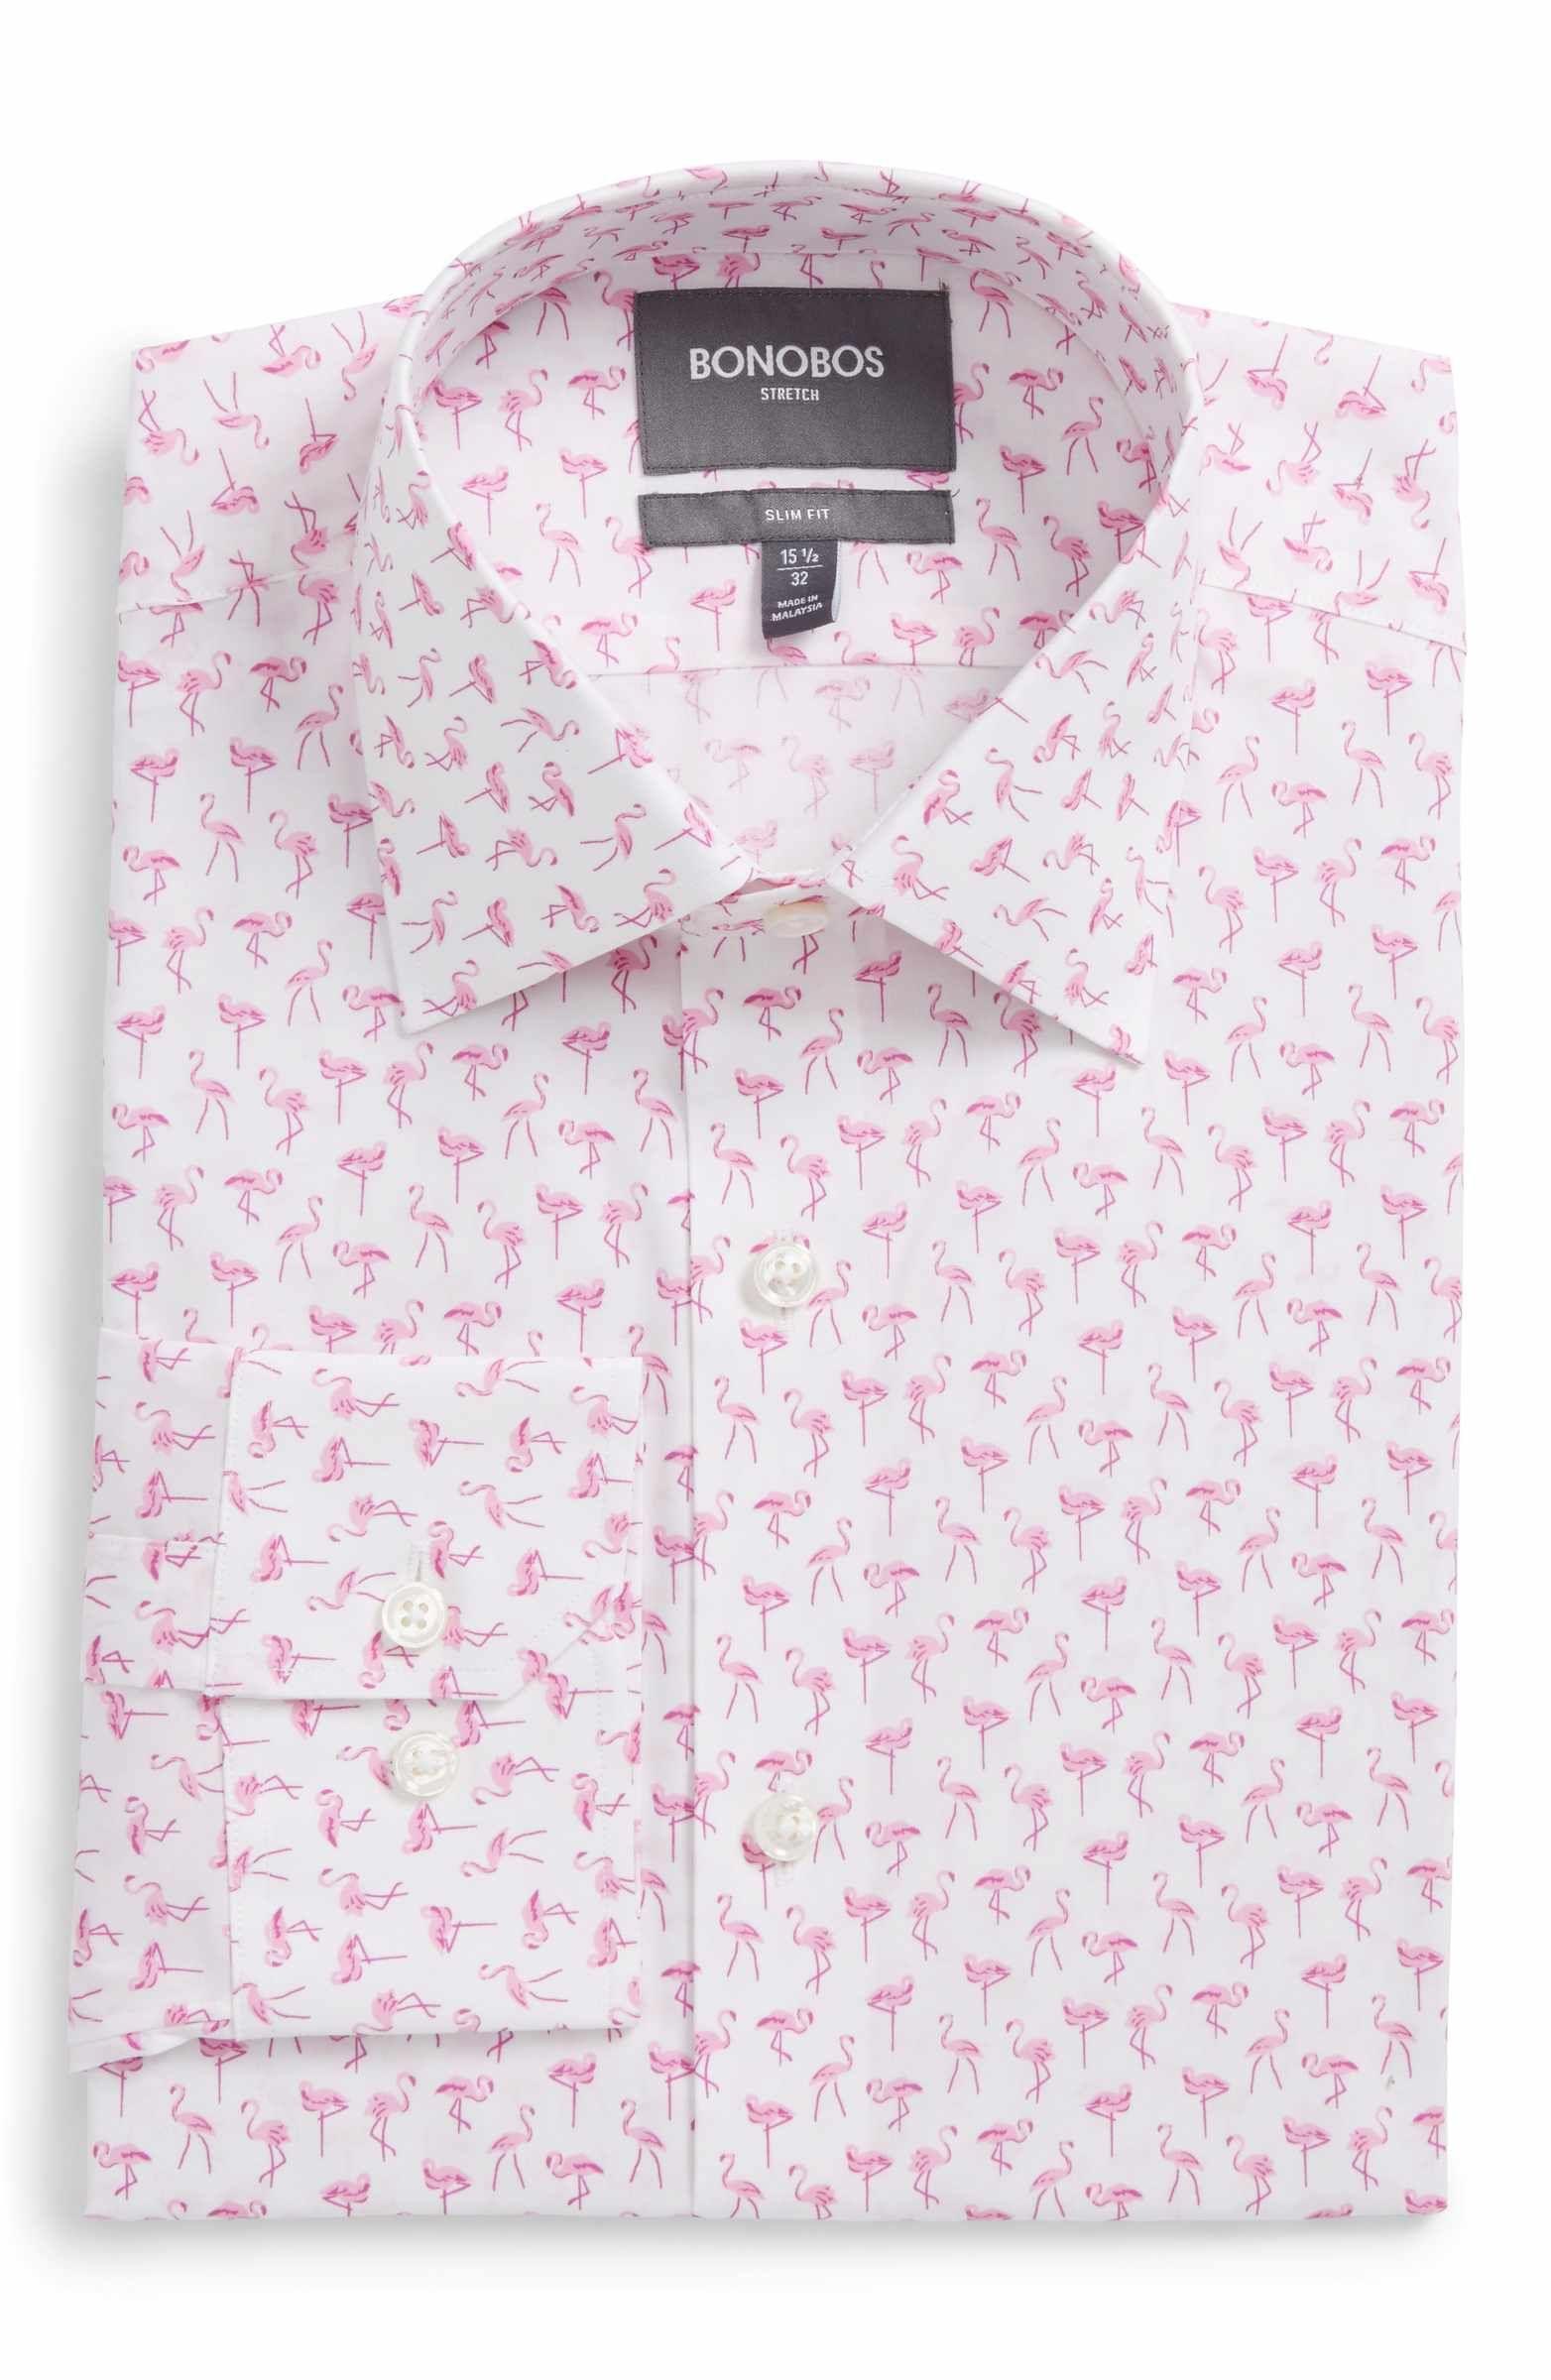 e714f695904 Nordstrom - Bonobos Slim Fit Stretch Flamingo Print Dress Shirt ...